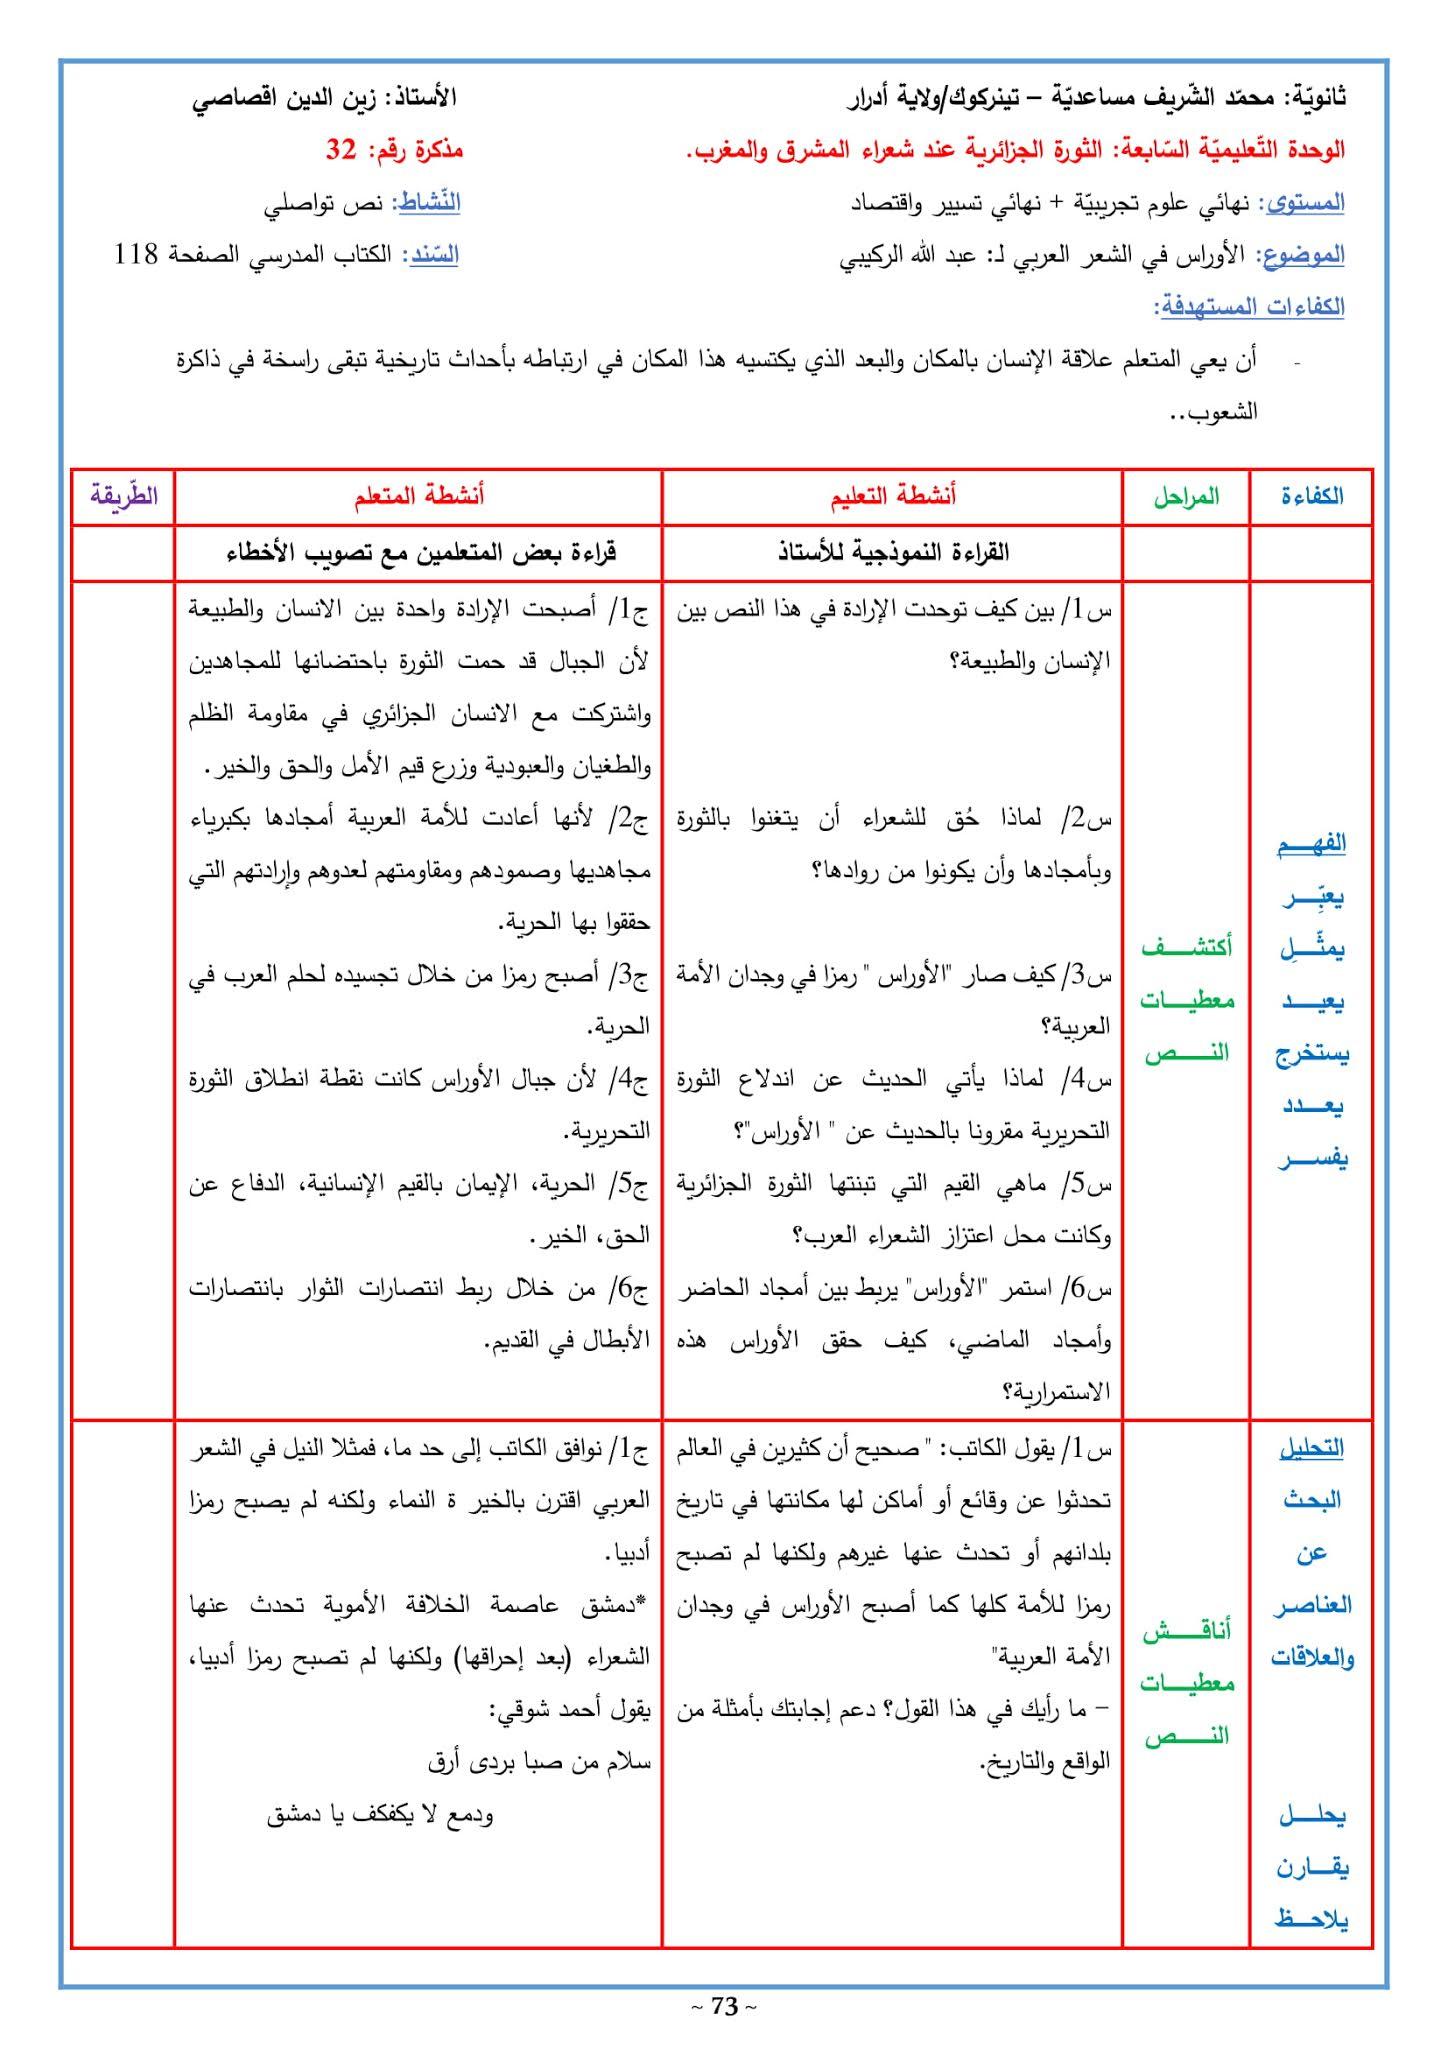 تحضير نص الأوراس في الشعر العربي 3 ثانوي